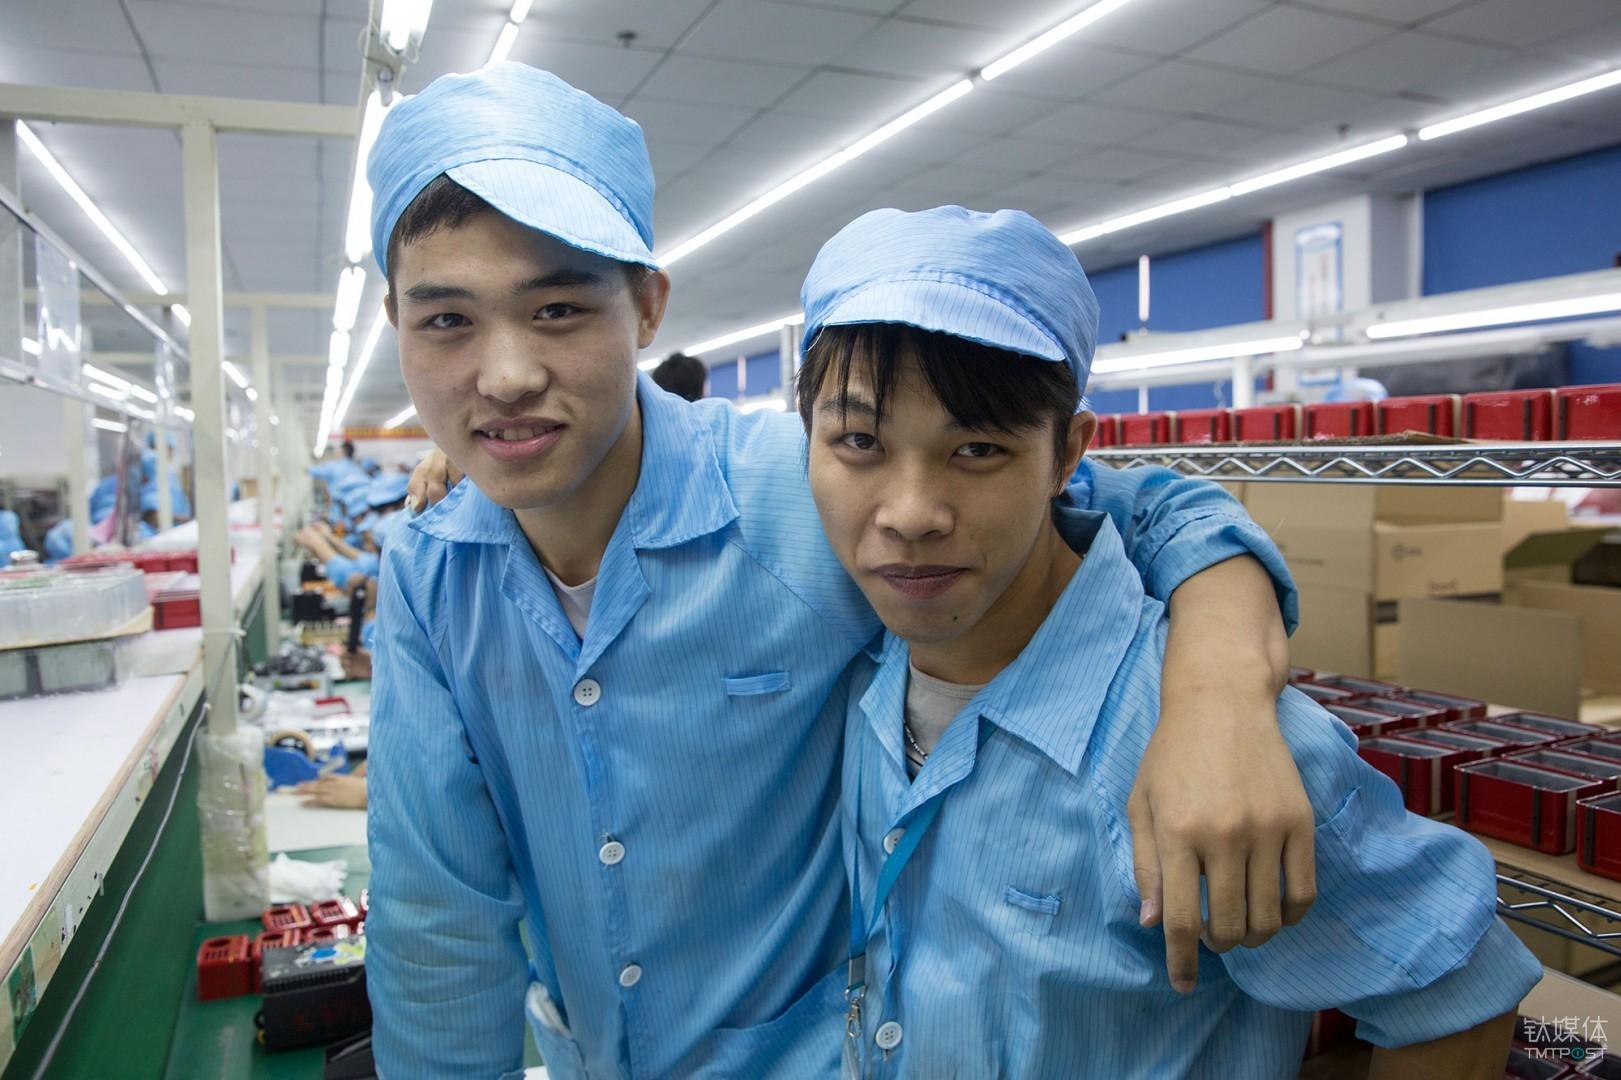 张全蛋们。深圳OEM电子工厂流水线上的95后。